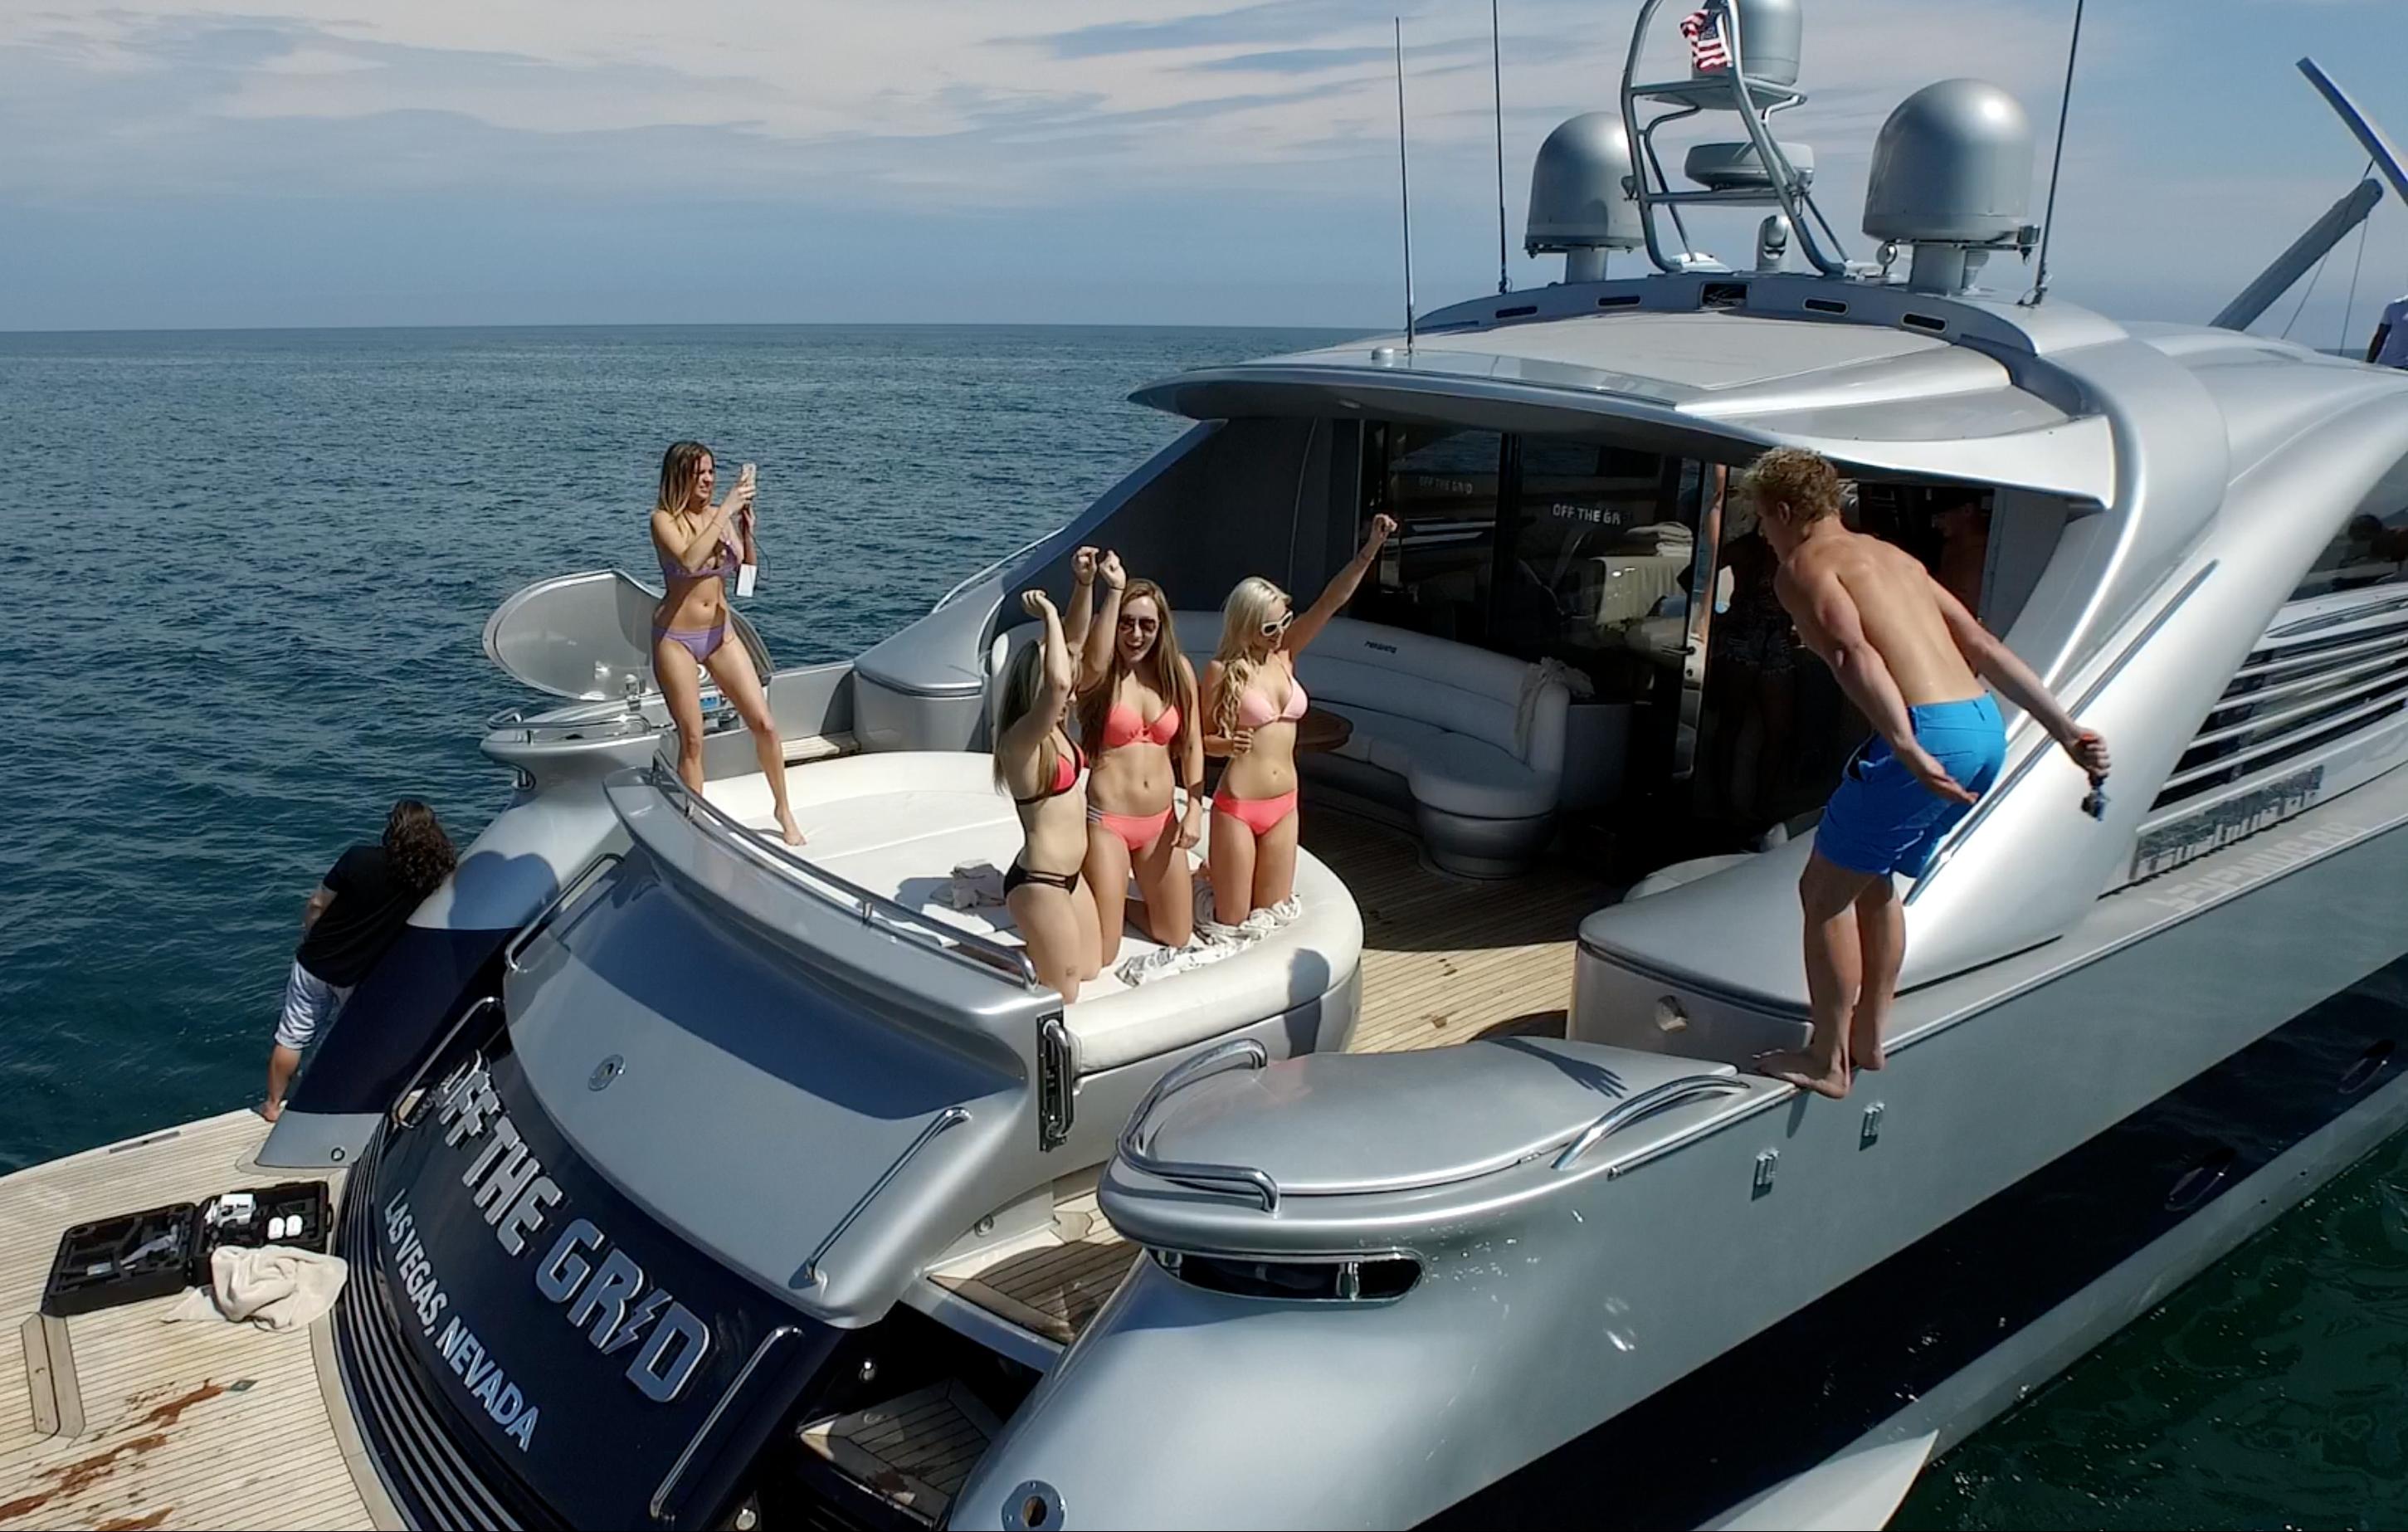 sosiale medier stjerner yacht